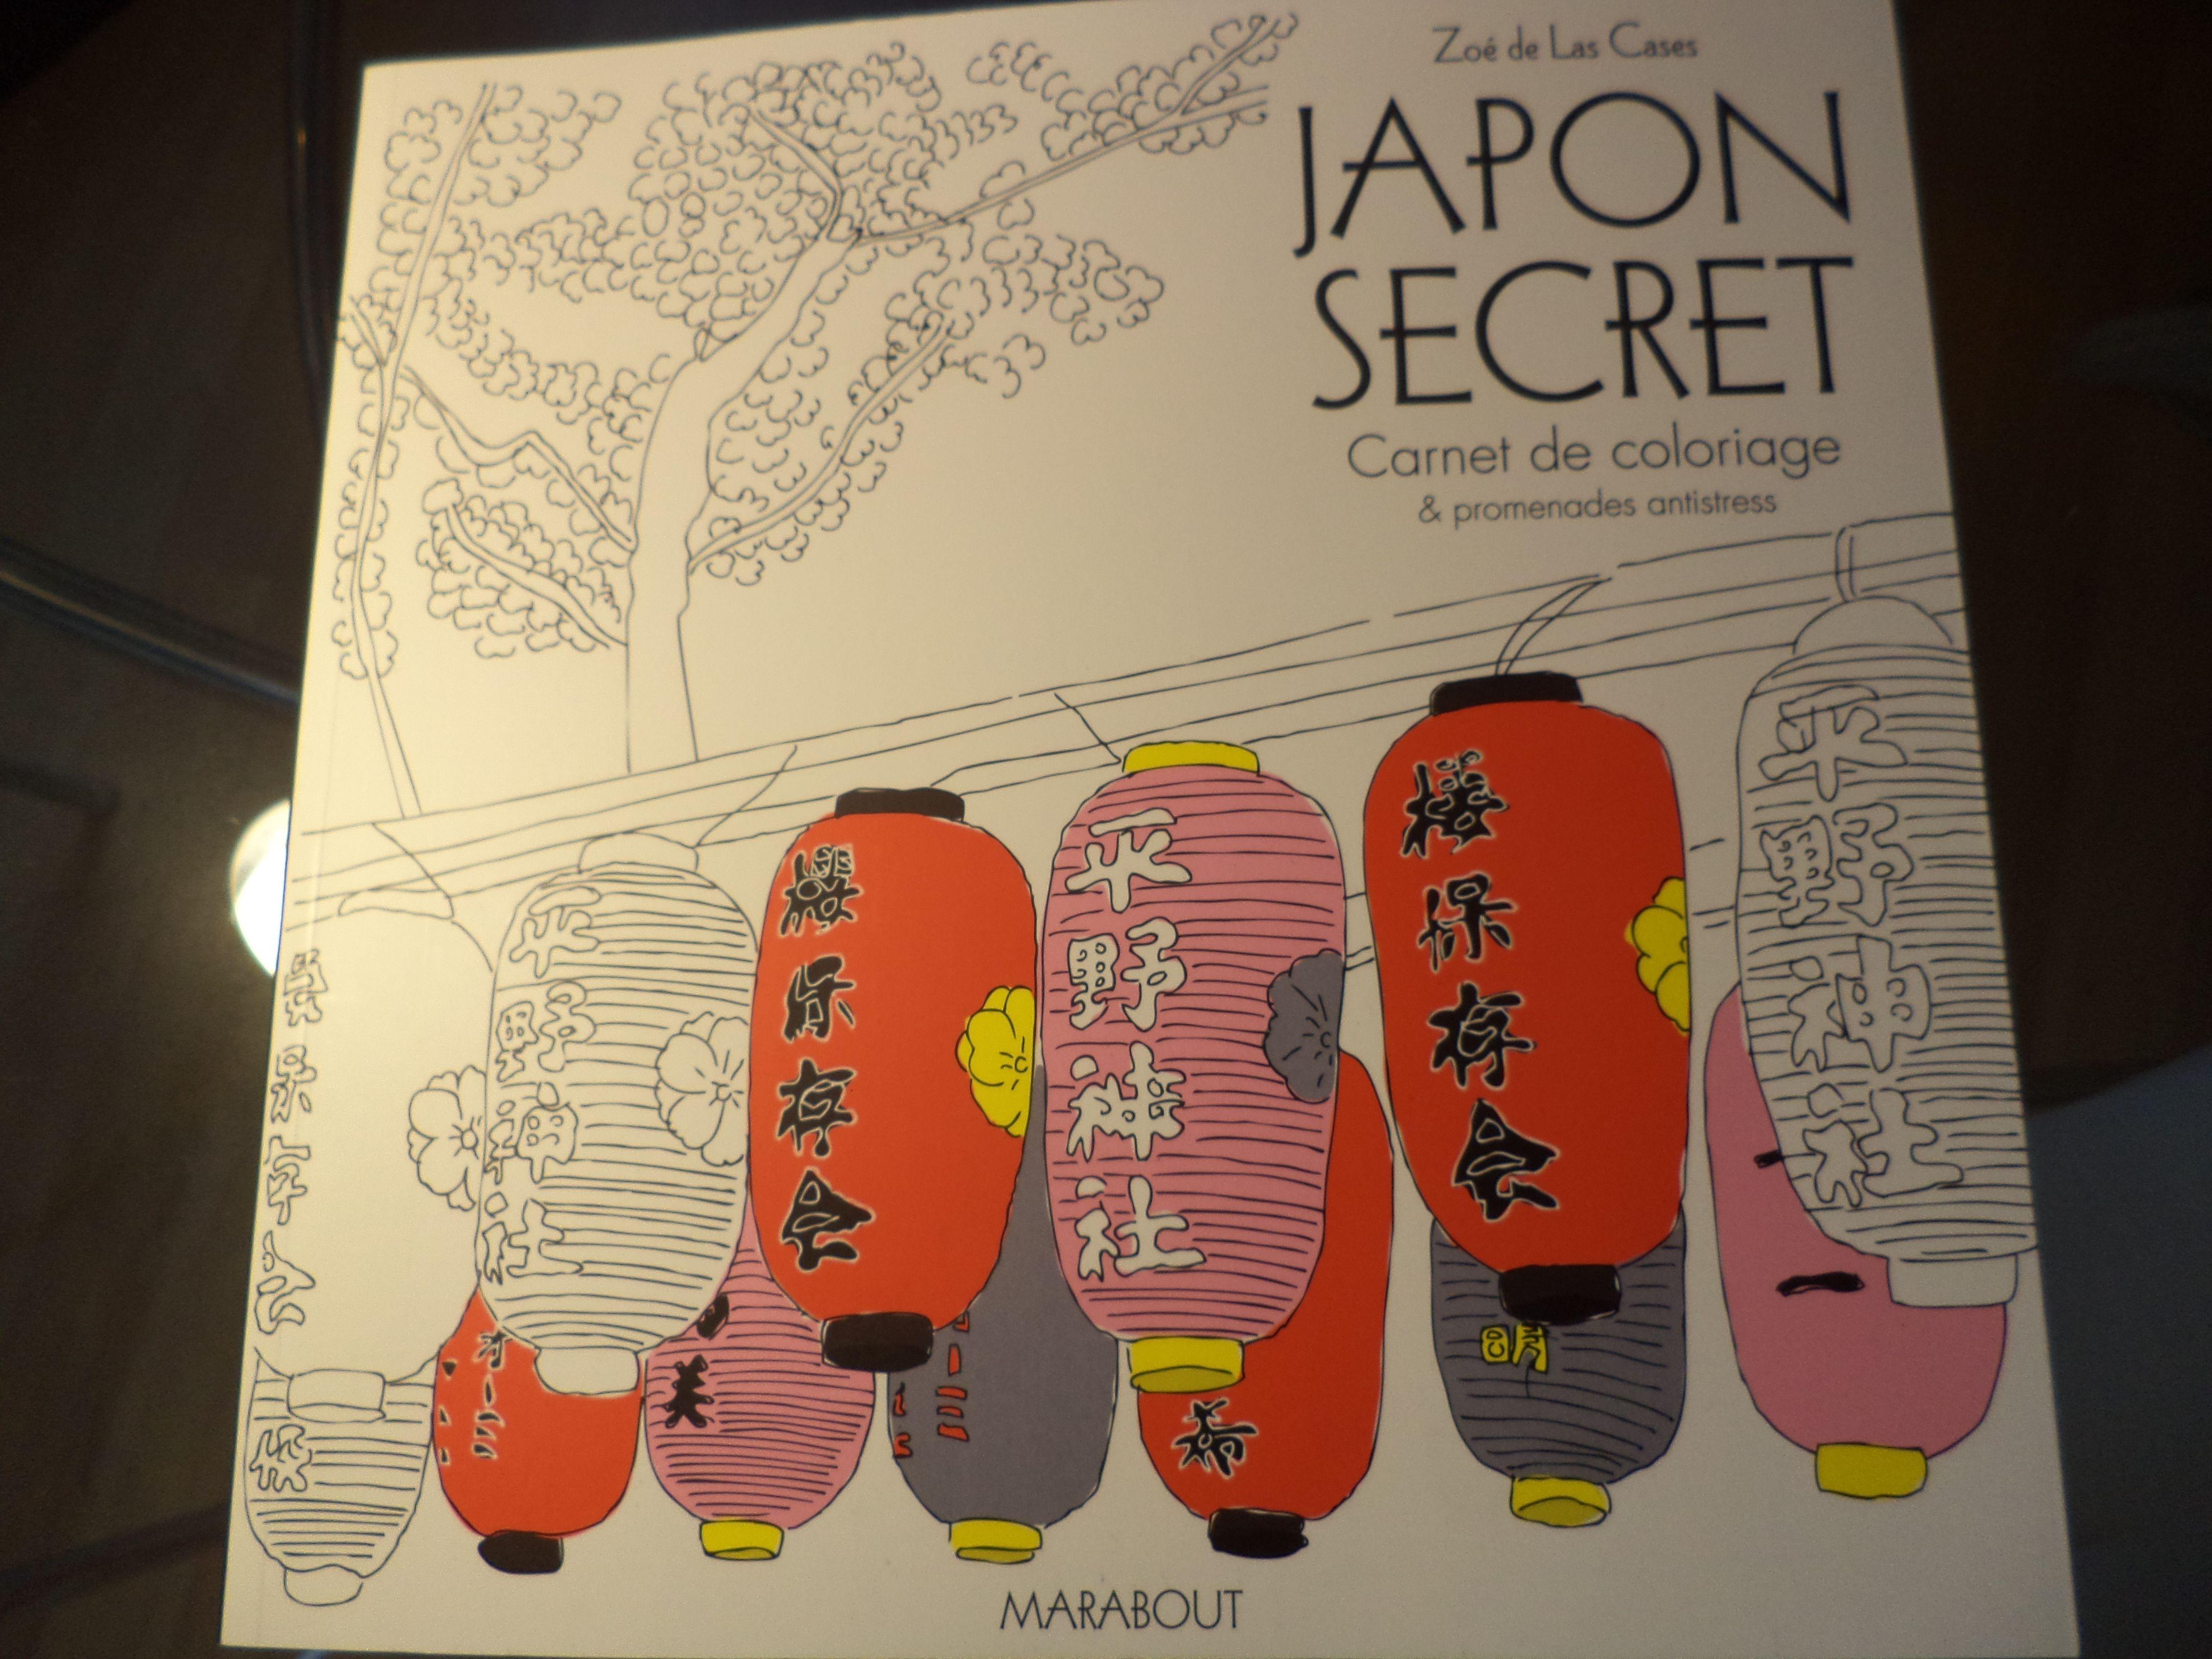 Japon Secret Coloriage Anti Stress Coloriage Stress